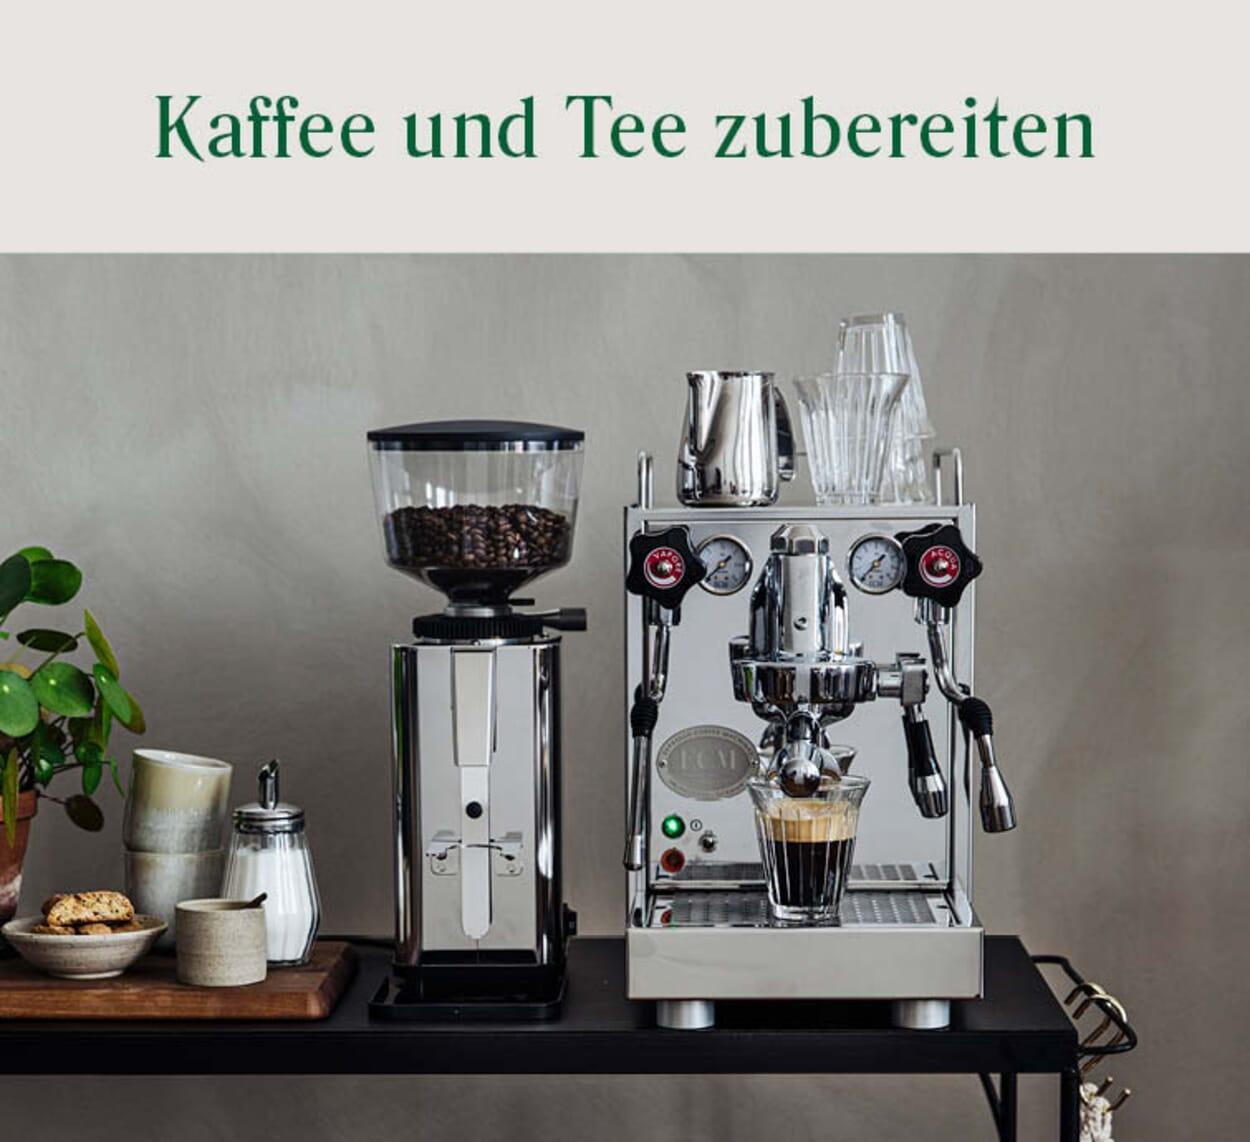 Kaffee und Teezubereitung